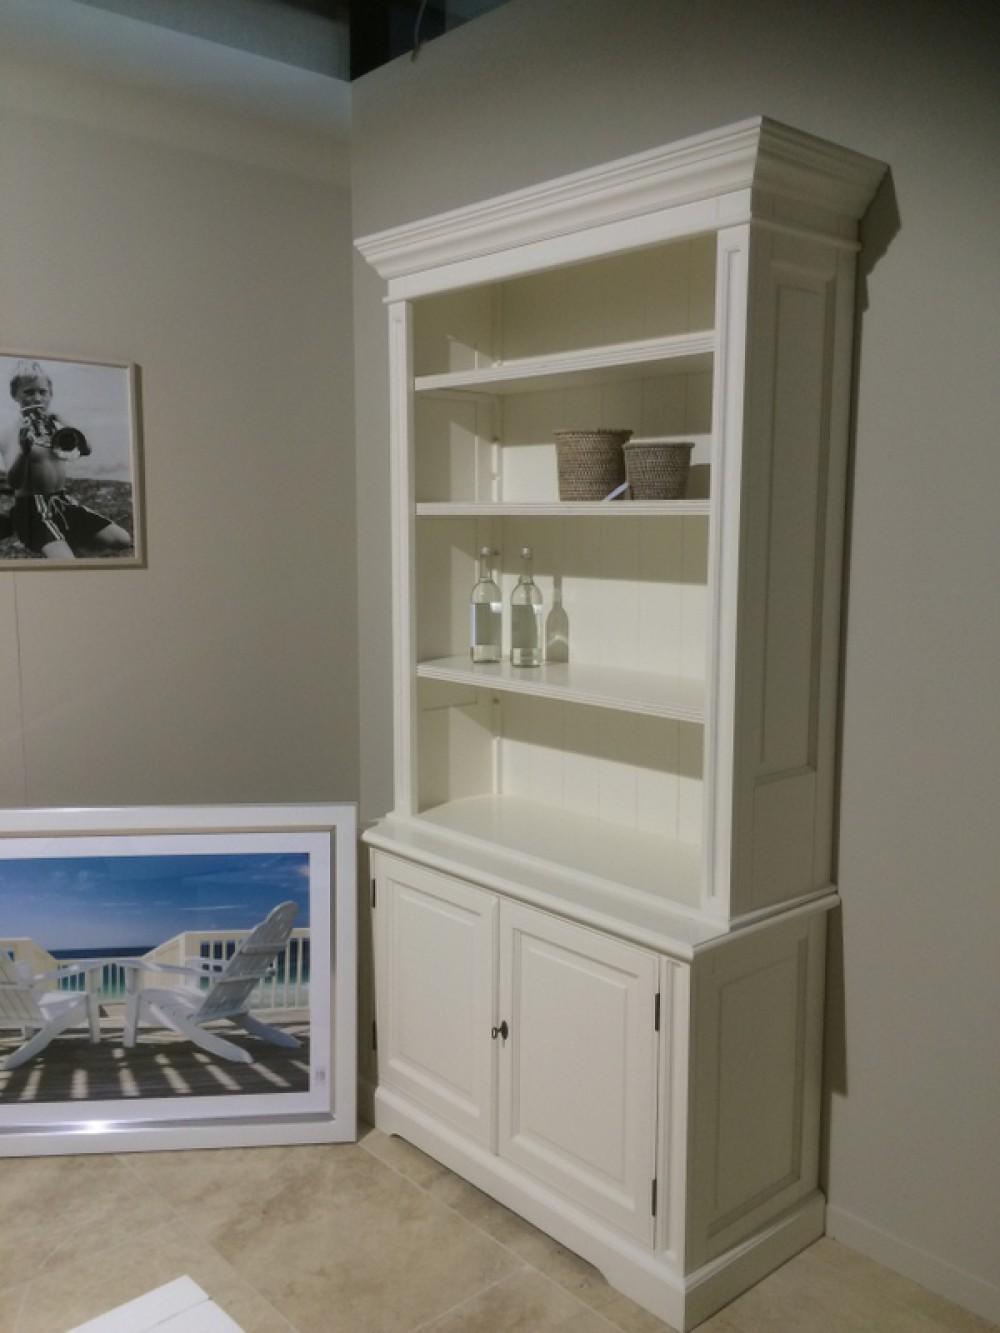 b cherschrank wei schrank im landhausstil breite 118 cm. Black Bedroom Furniture Sets. Home Design Ideas